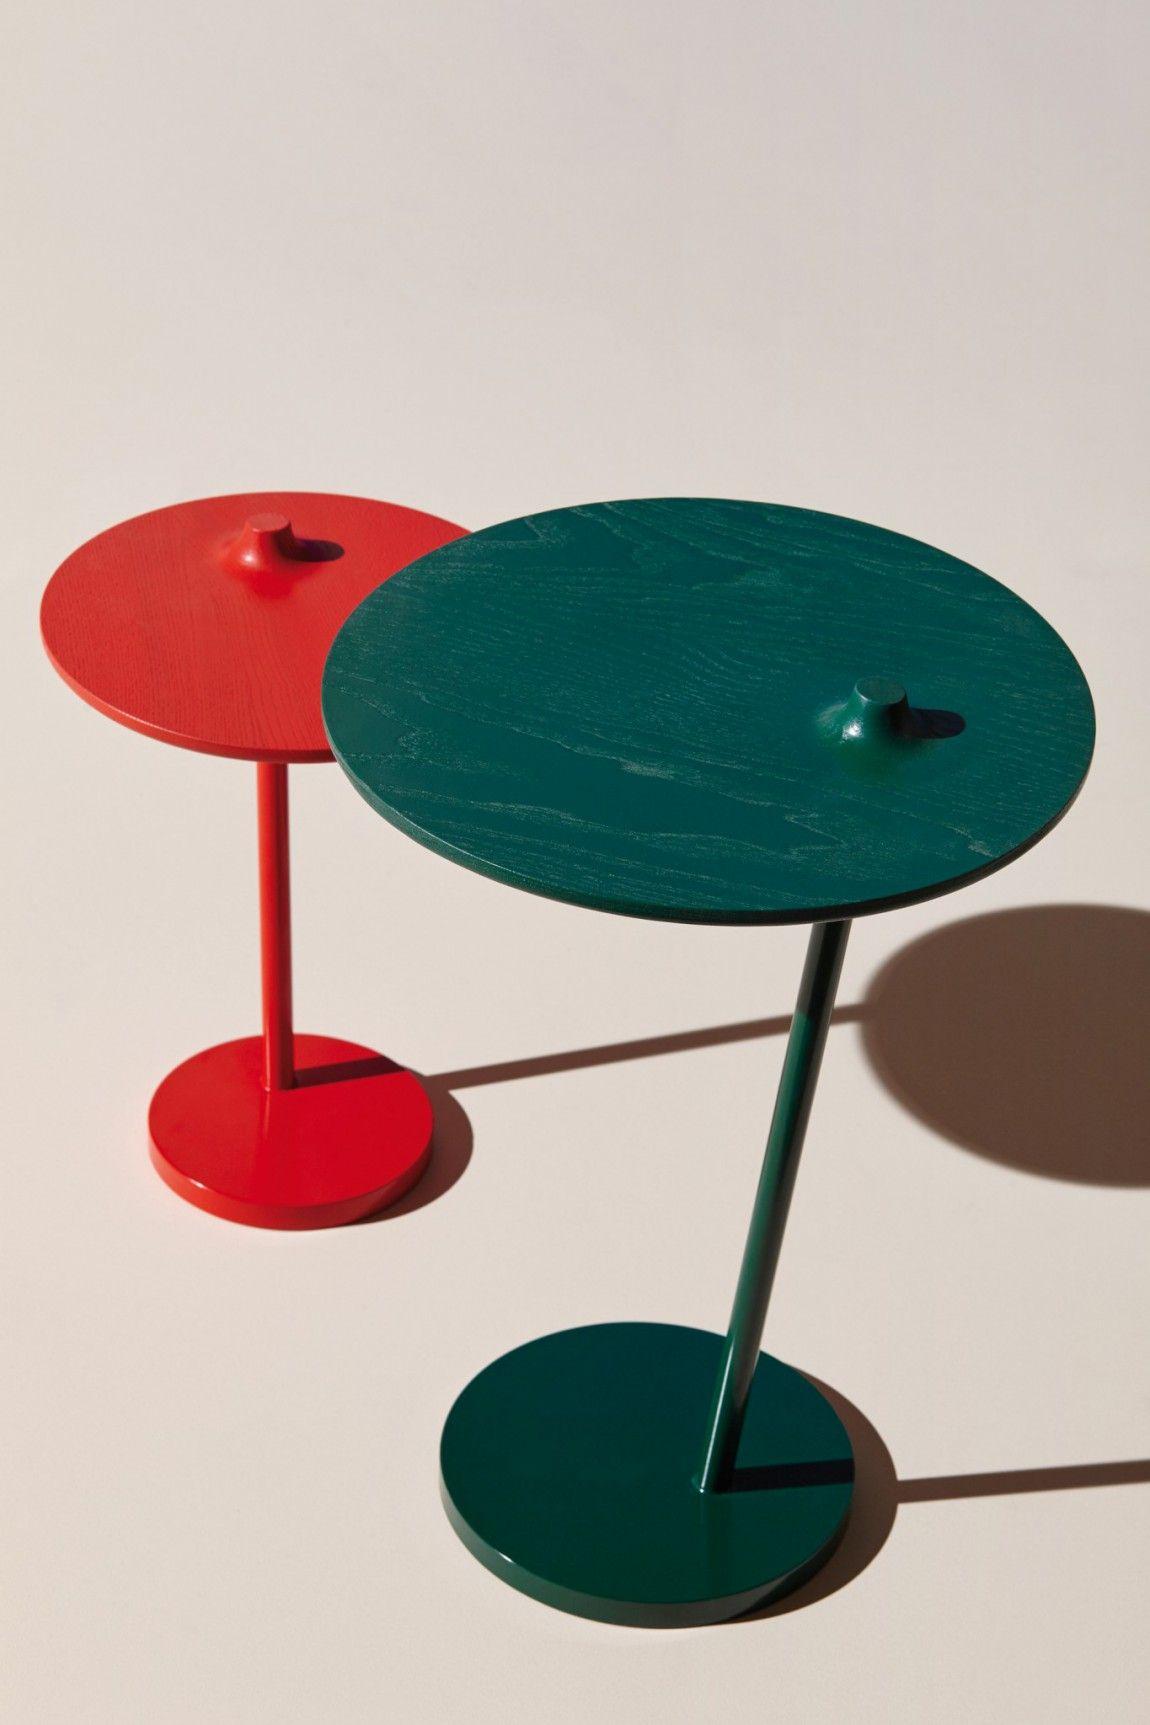 bartmann berlin | puk | objects | pinterest | lackieren, stahl und matt